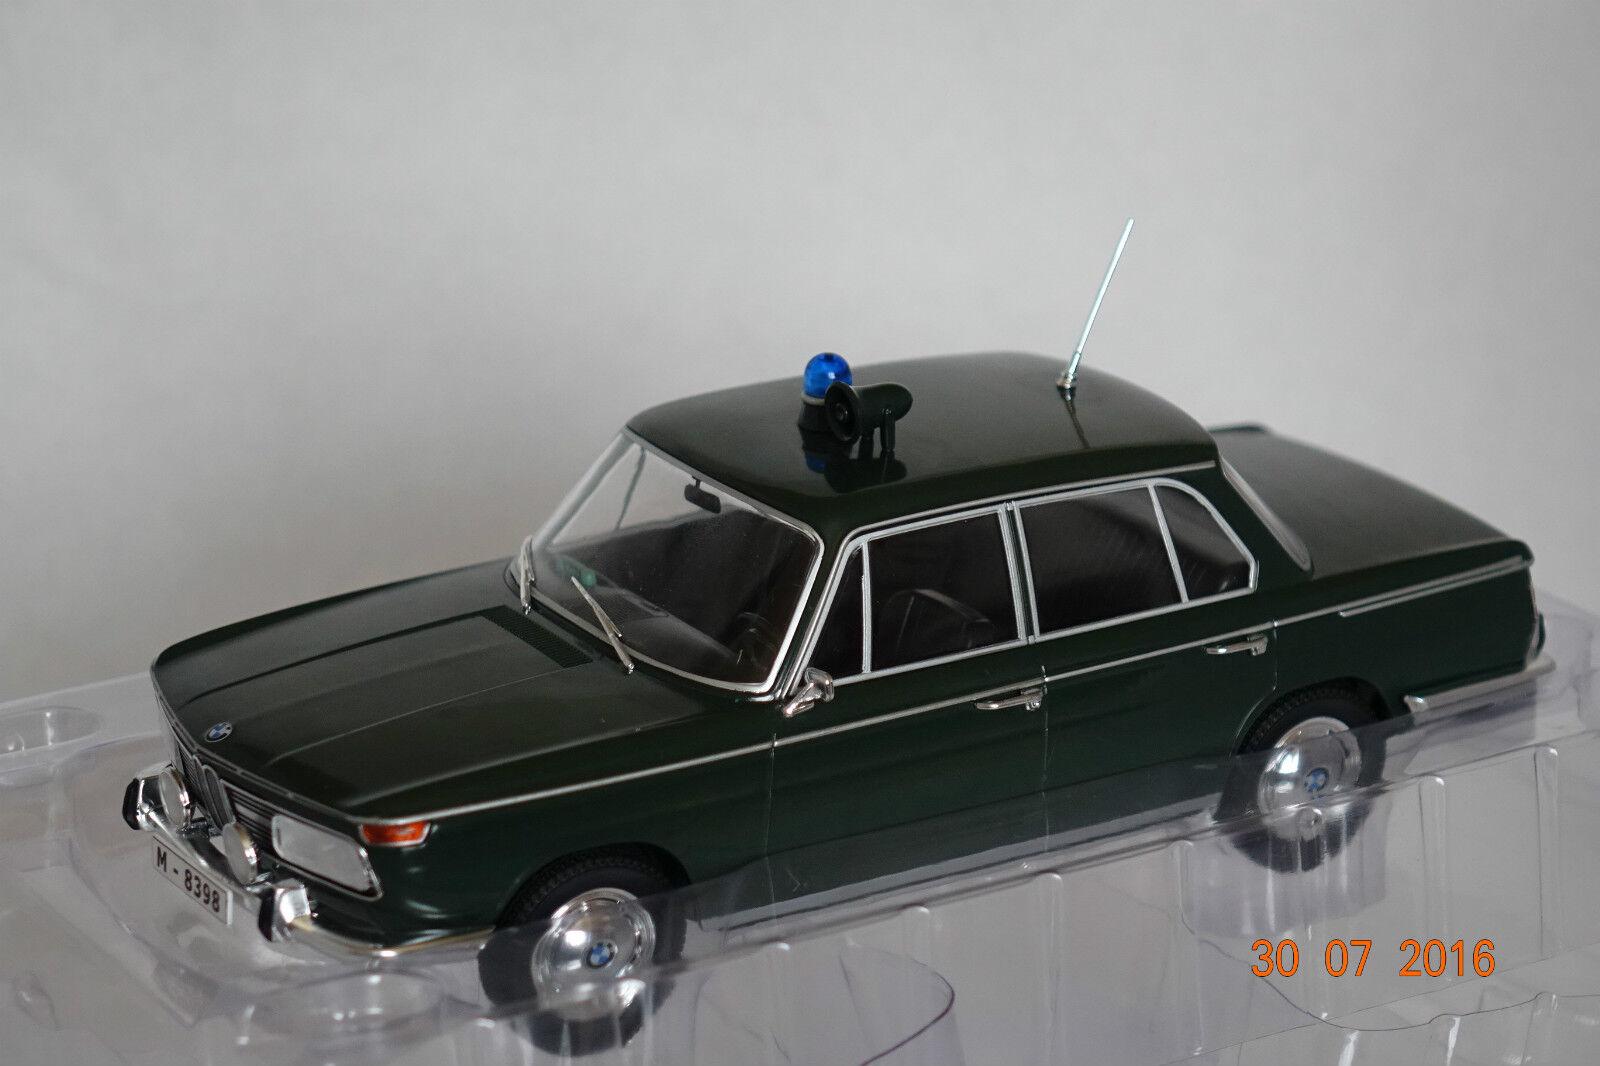 BMW 2000 TI (Type120) Polizei dunkelgrün 1 18 MCG neu & OVP MCG18042